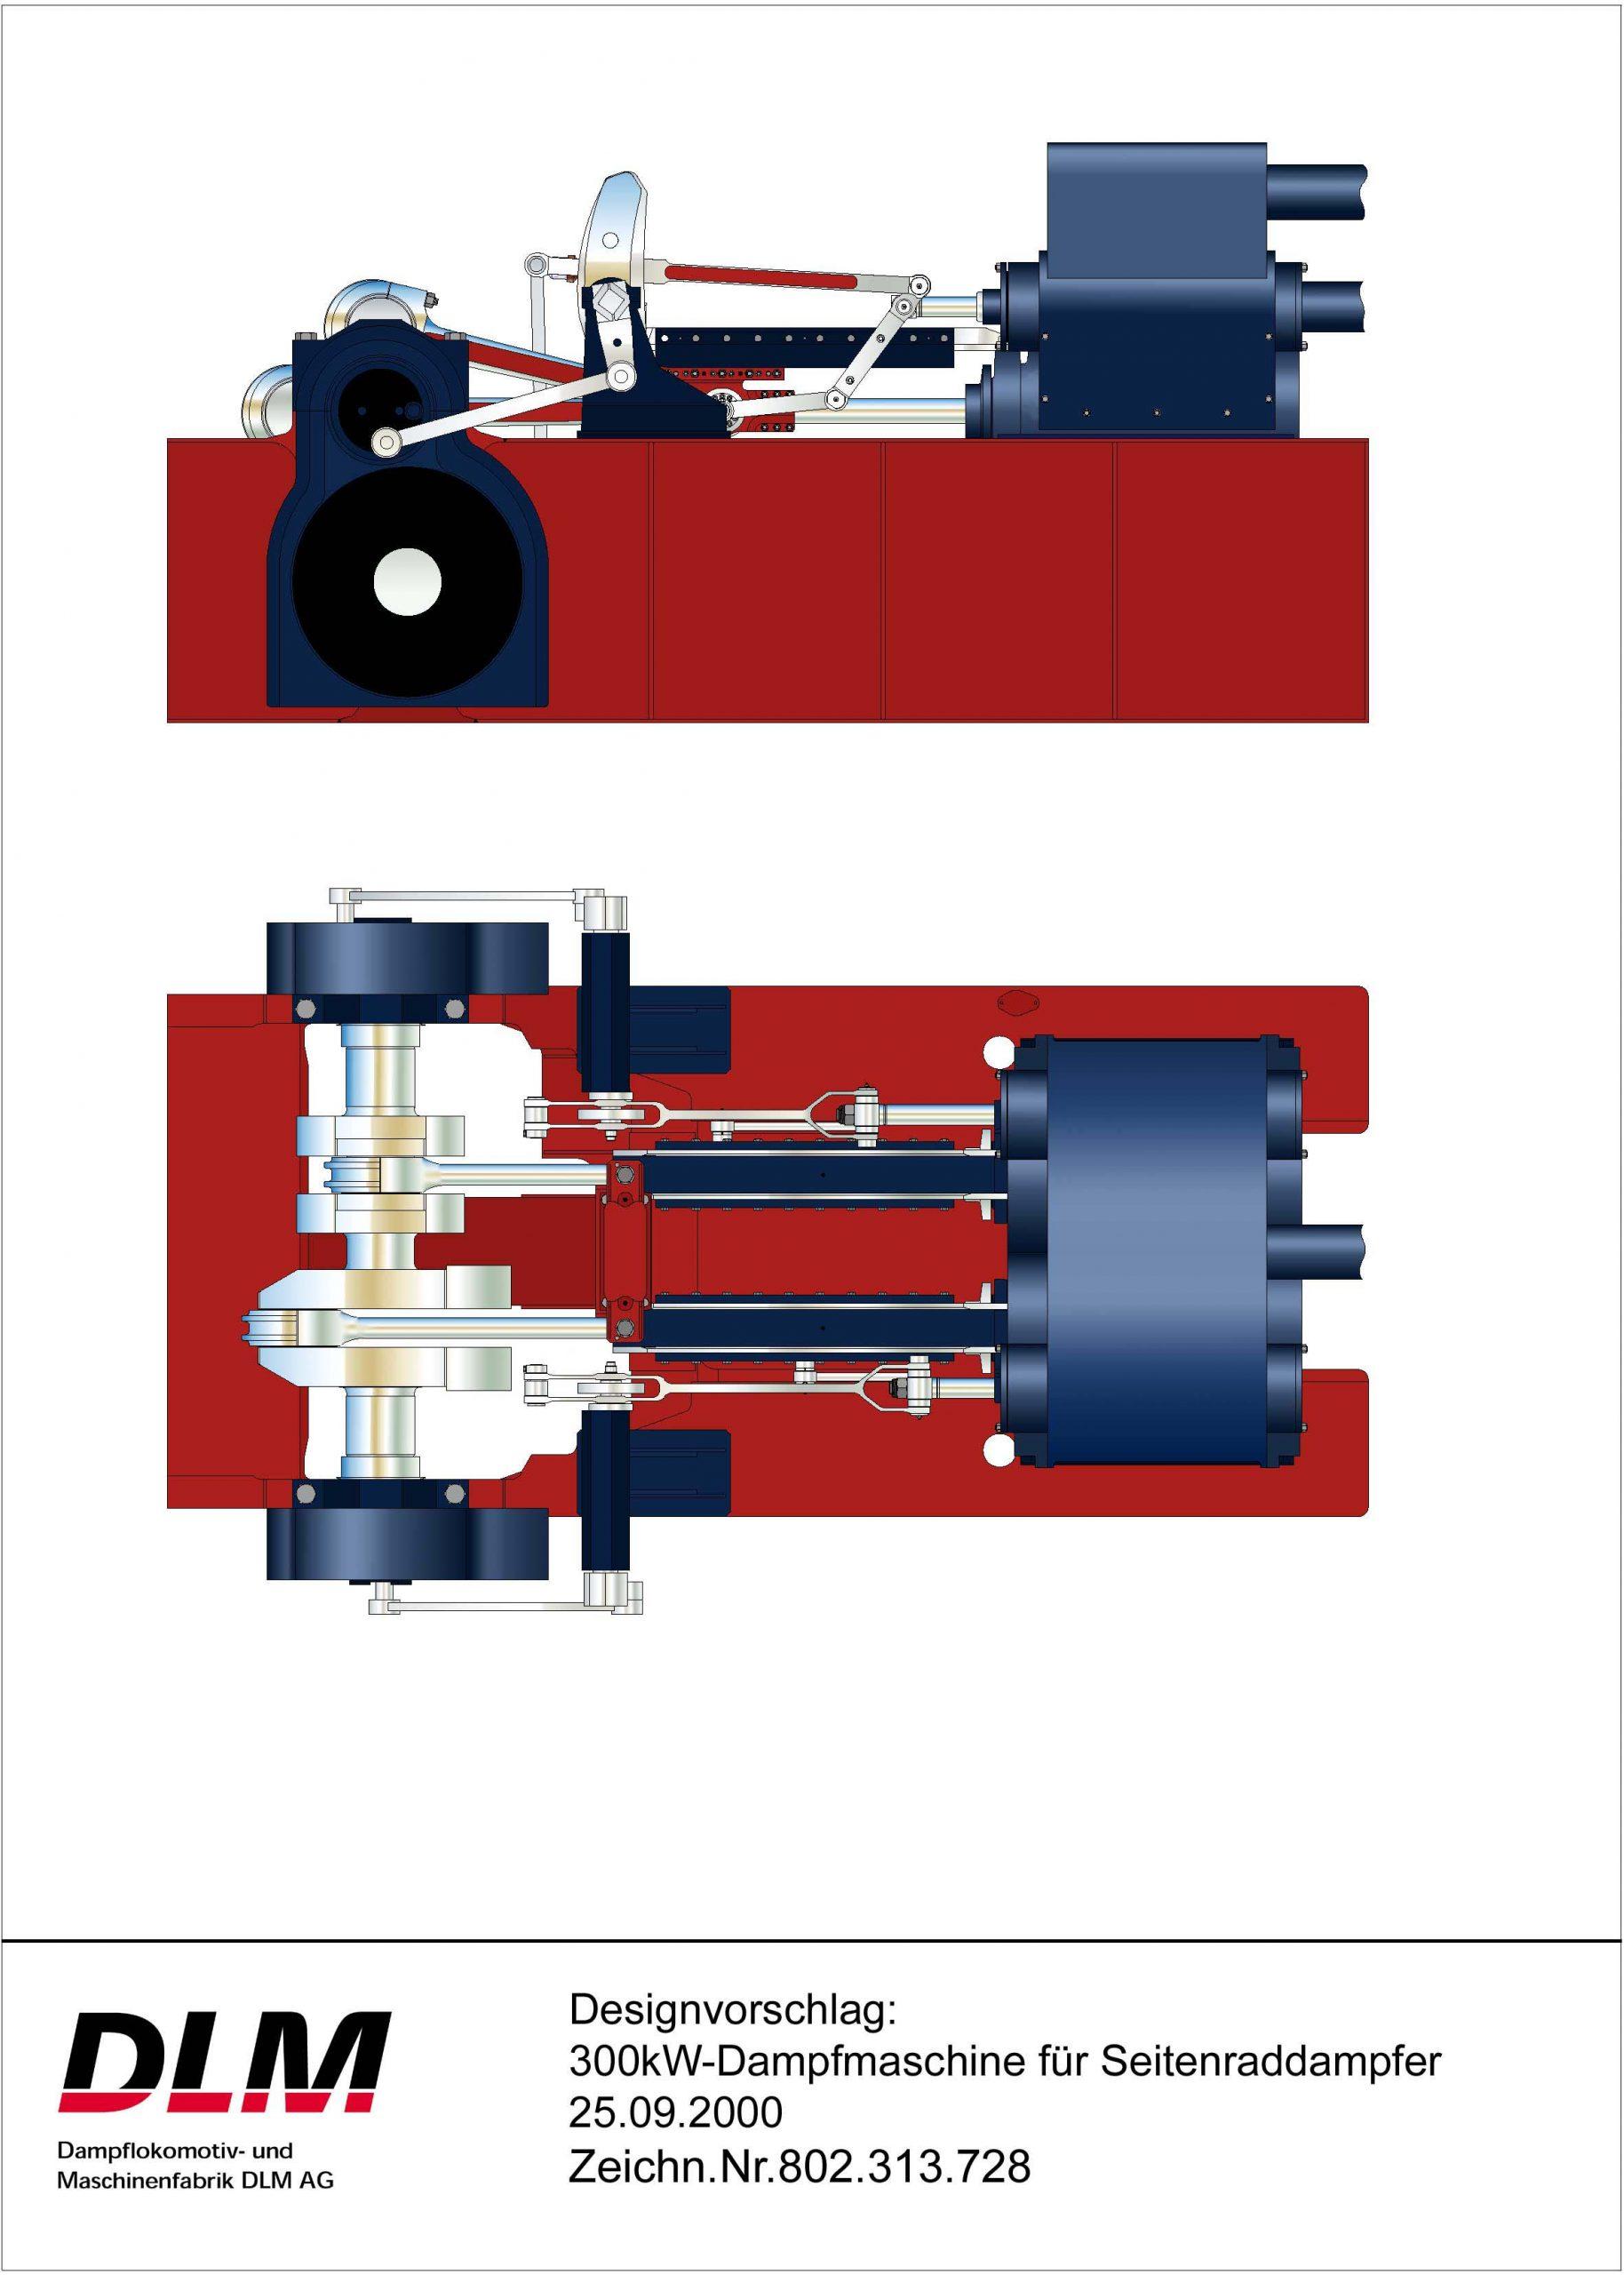 Dampfmaschine 300kW_Raddampfer